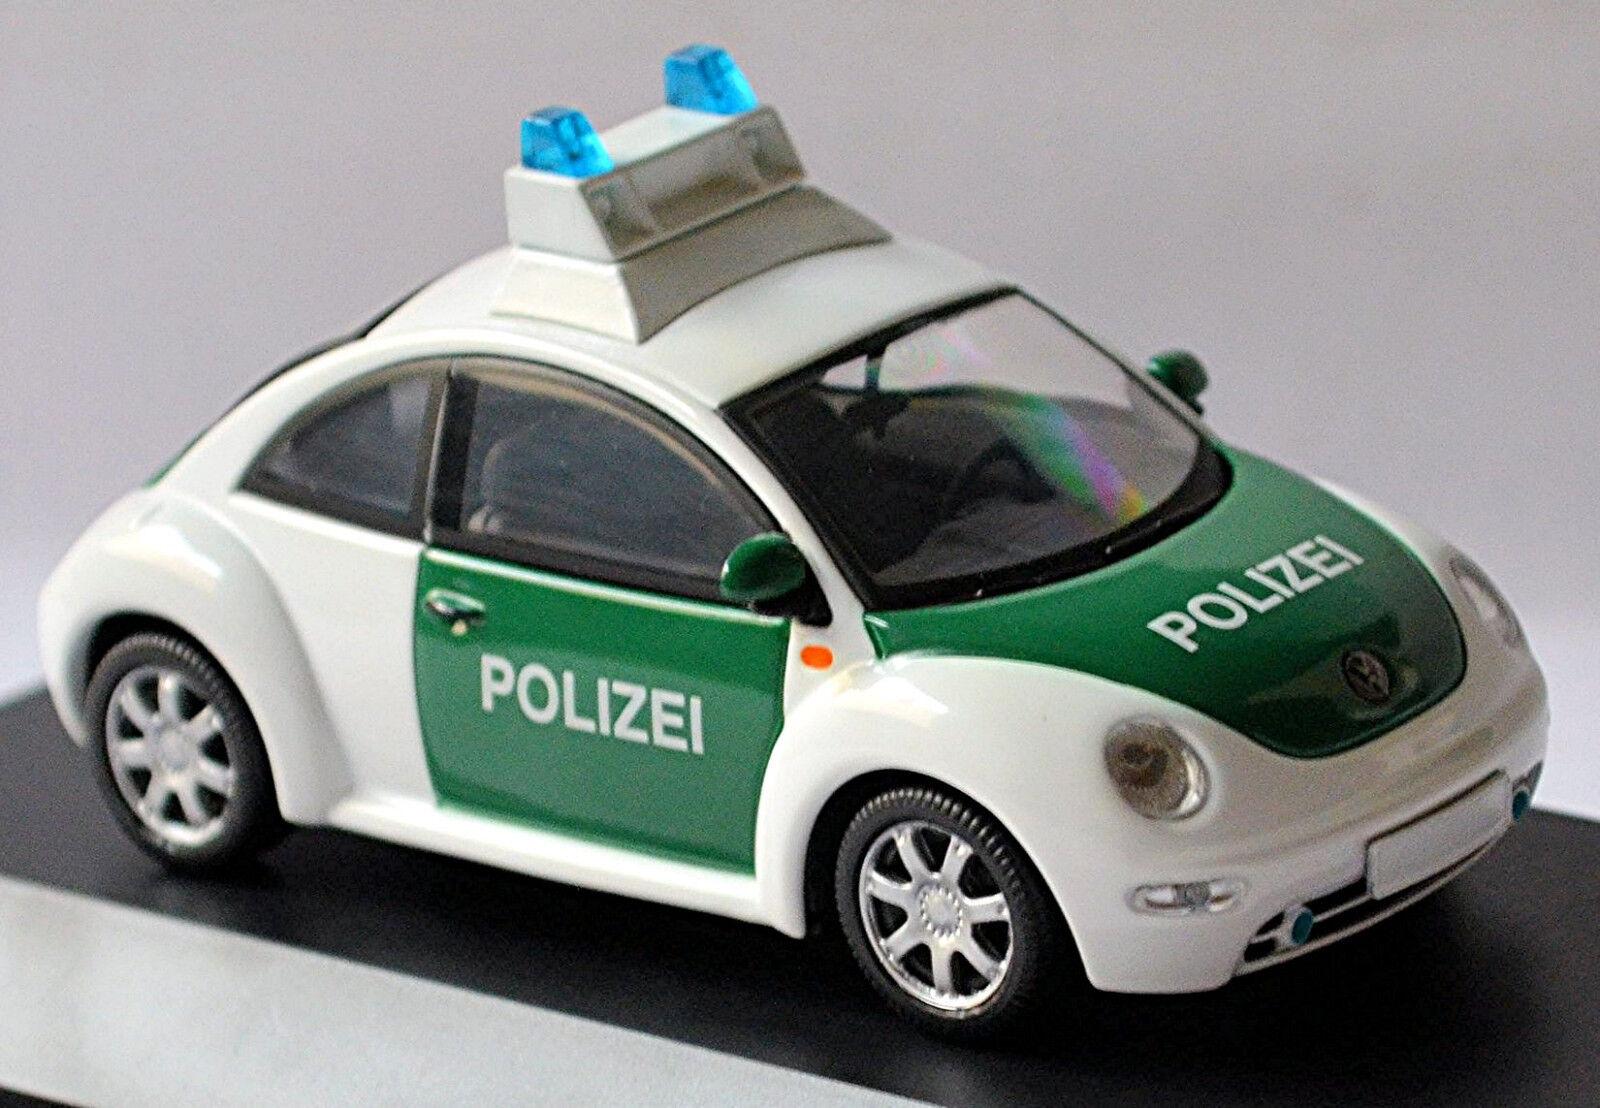 VW POLIZEI Volkswagen New Beetle Typ 9C 1997-2005 German Police 1 43 Schuco